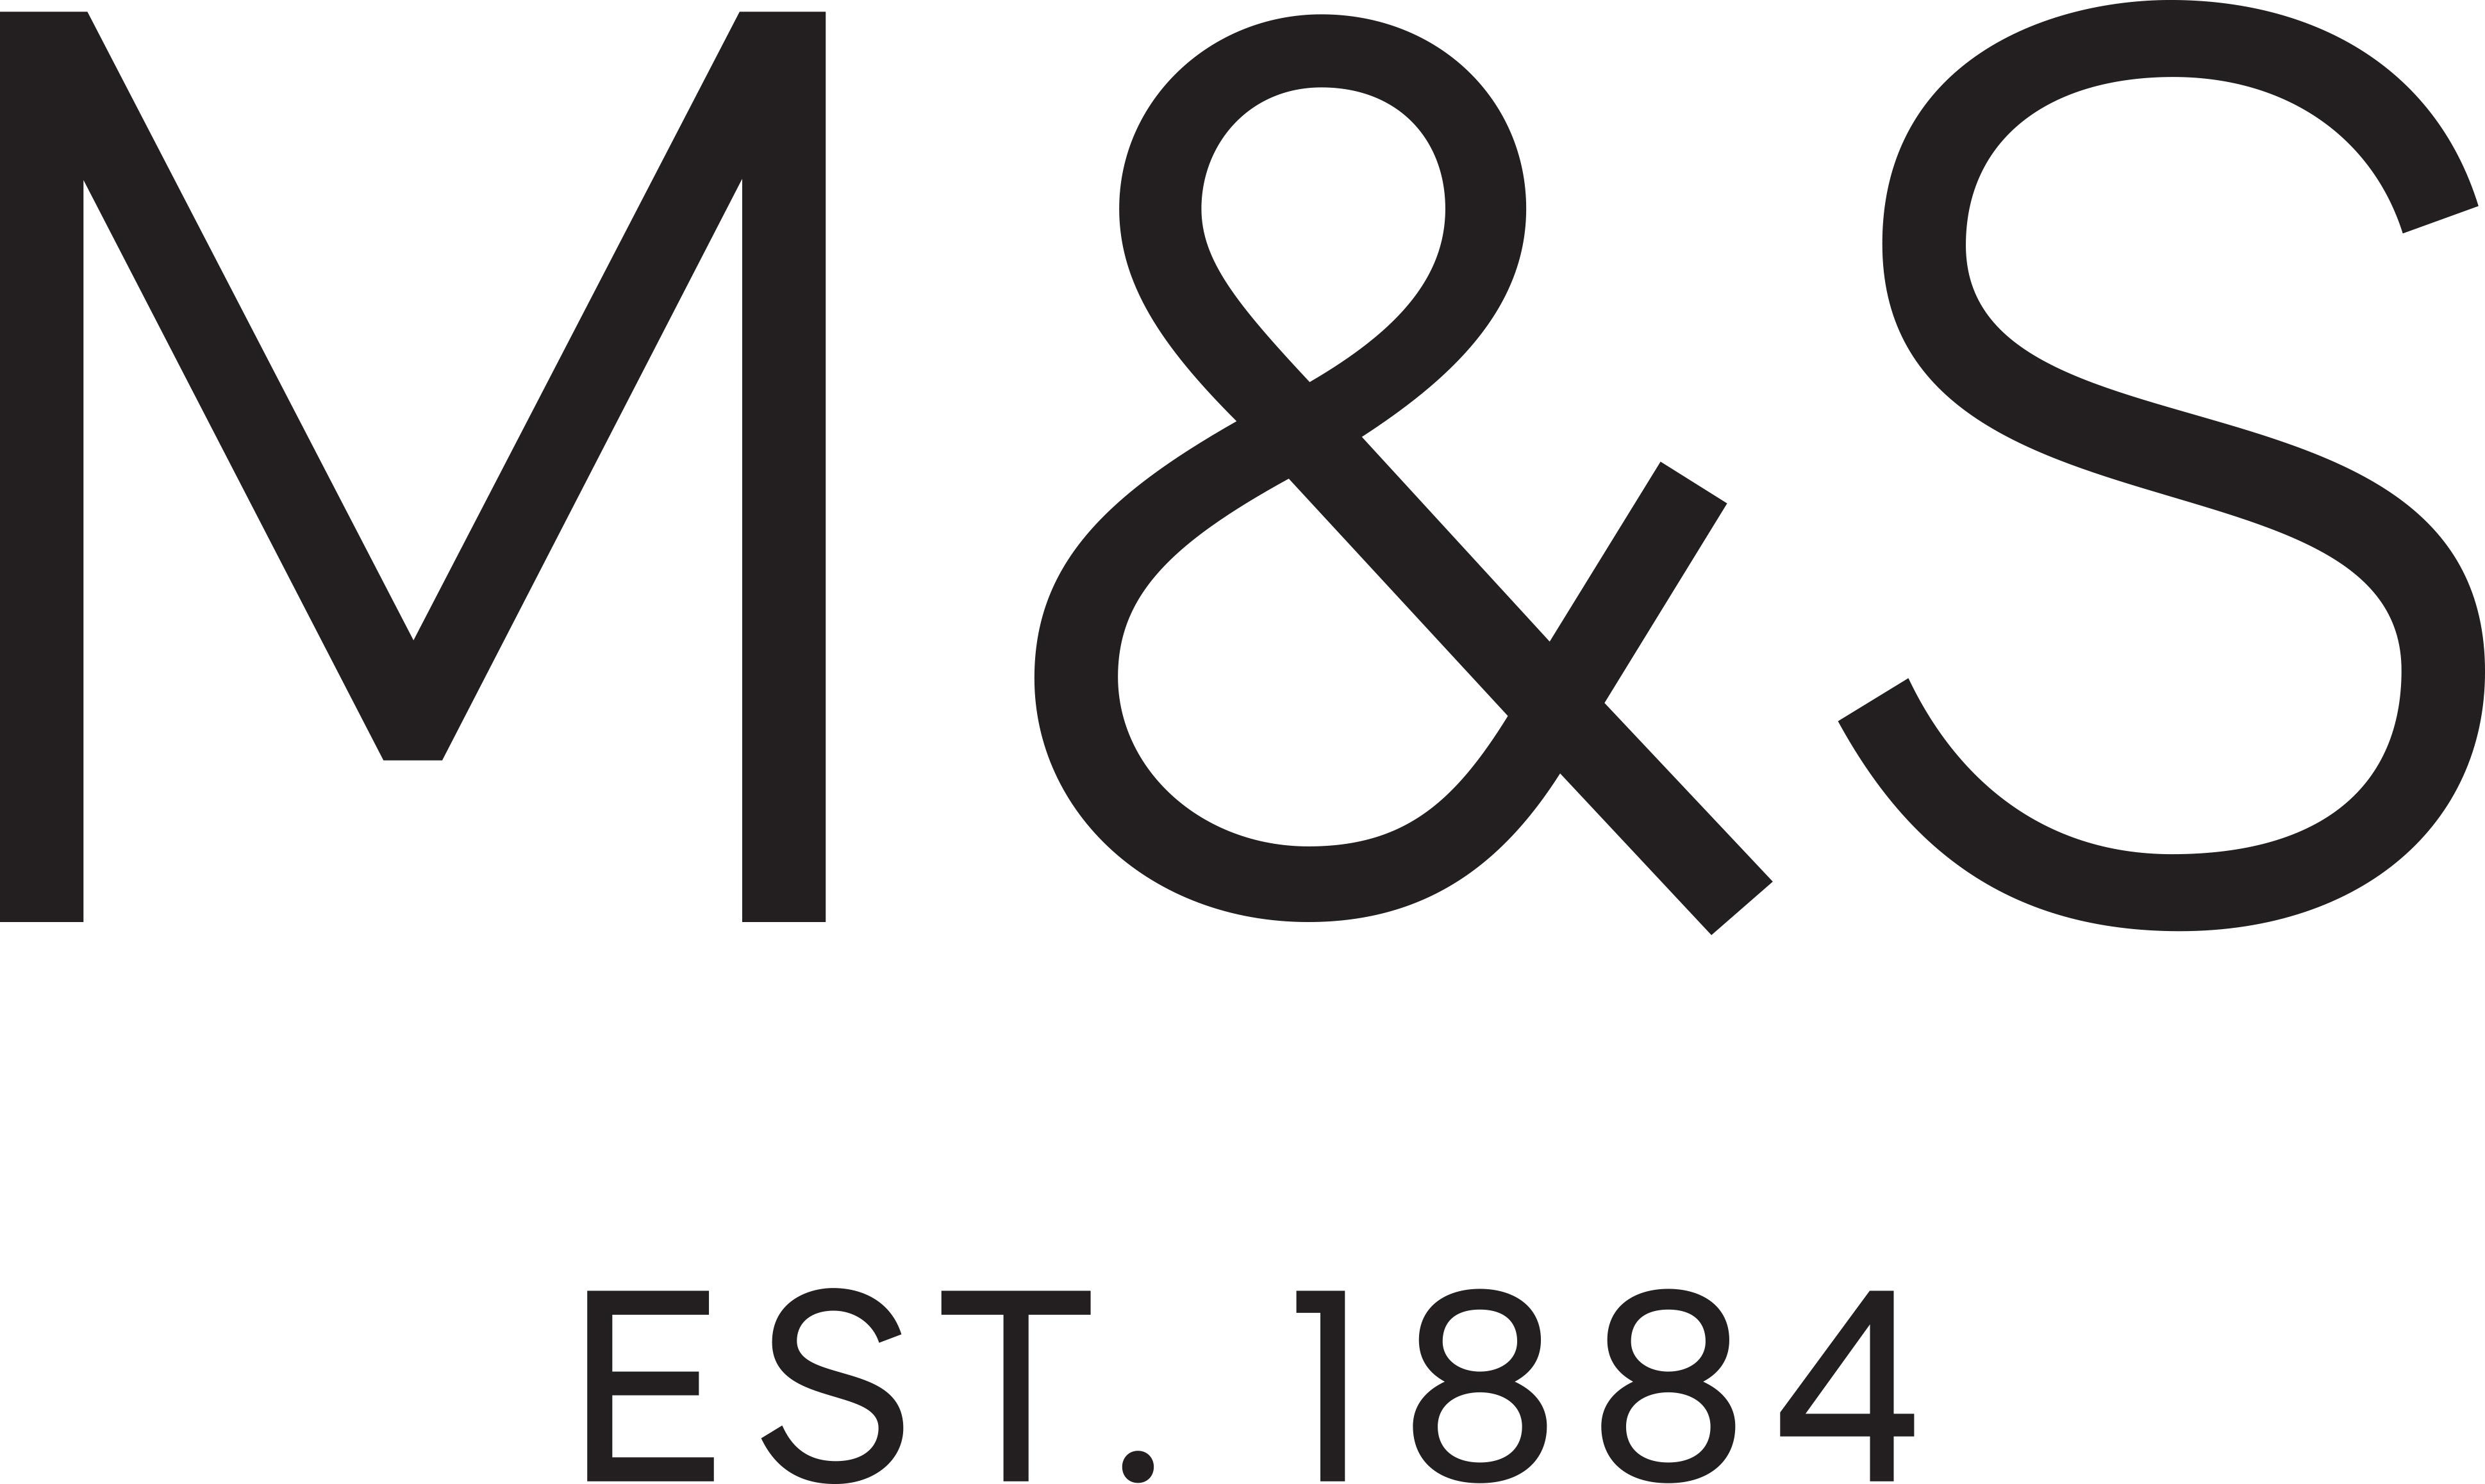 M&S-Est1884